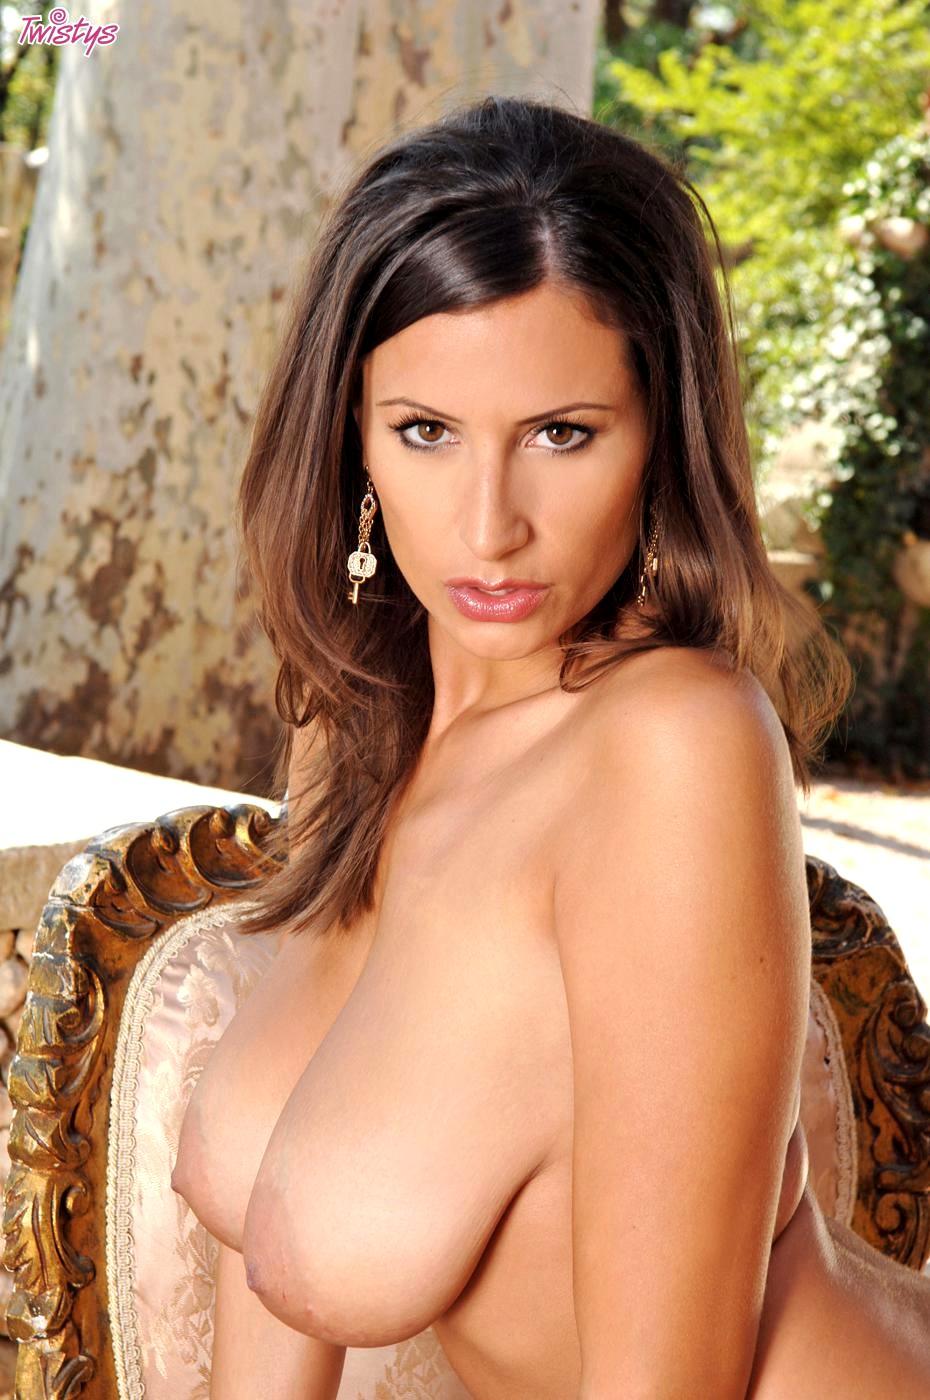 She hot... sensual softcore porn █▀█